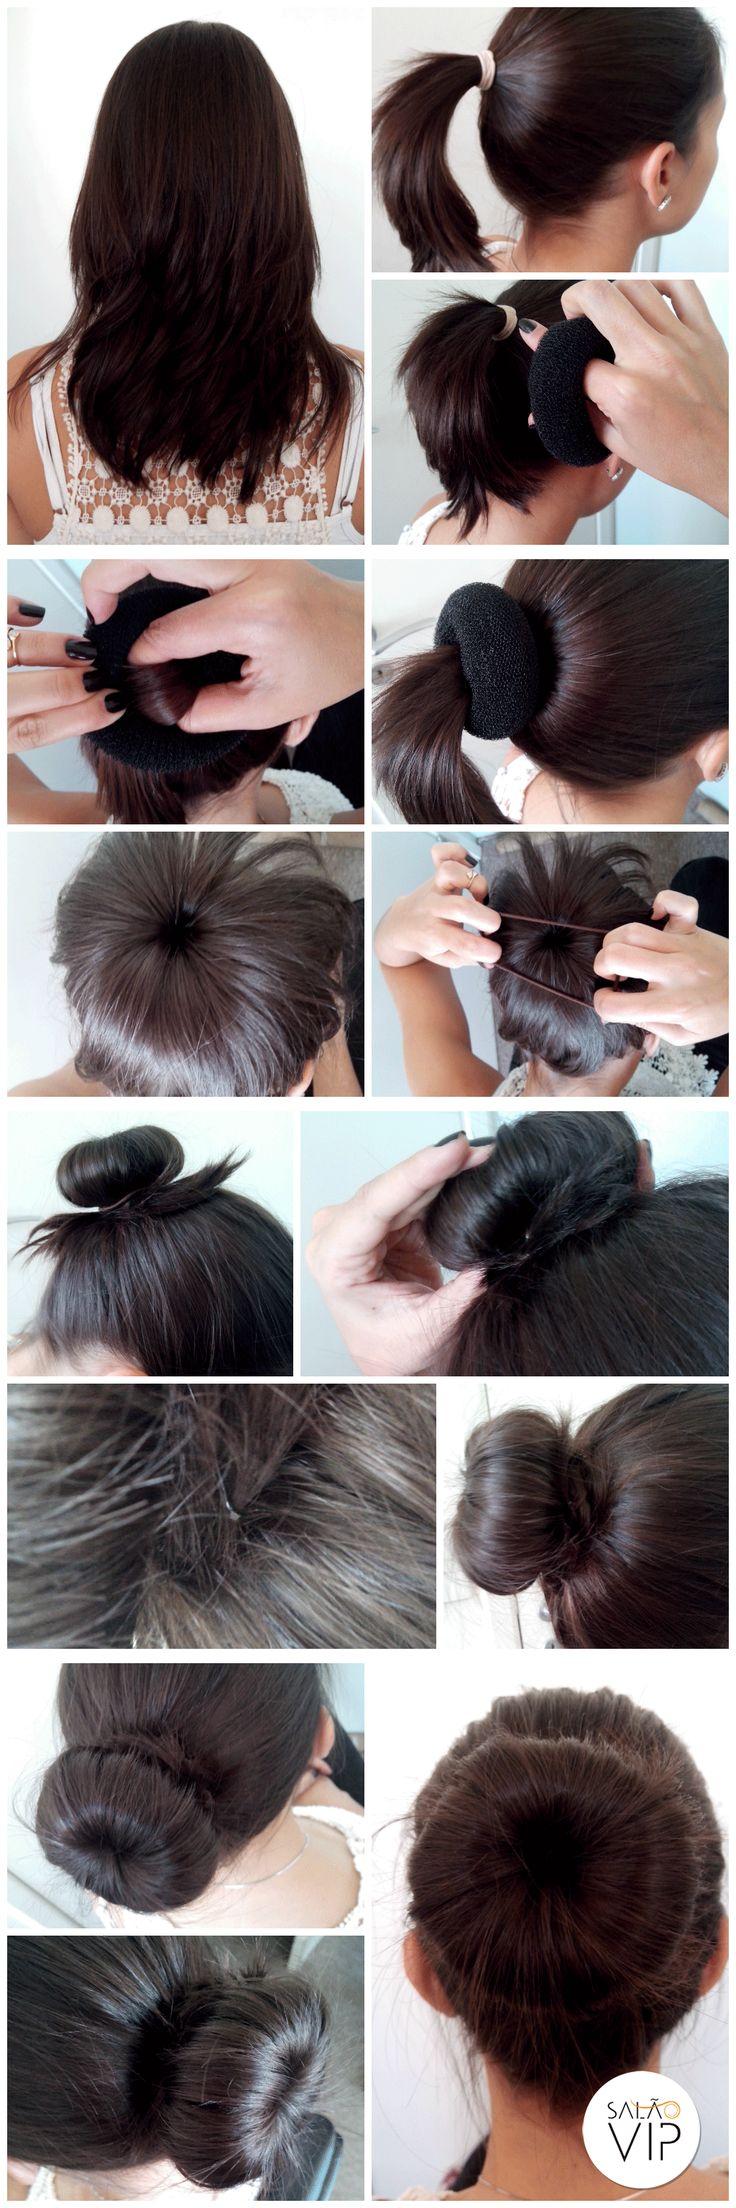 Fizemos um tutorial de coque rosca, conhecido também como Donut Hair! Um penteado que deixa você super bonita, e o melhor de tudo, é muito simples de fazer!